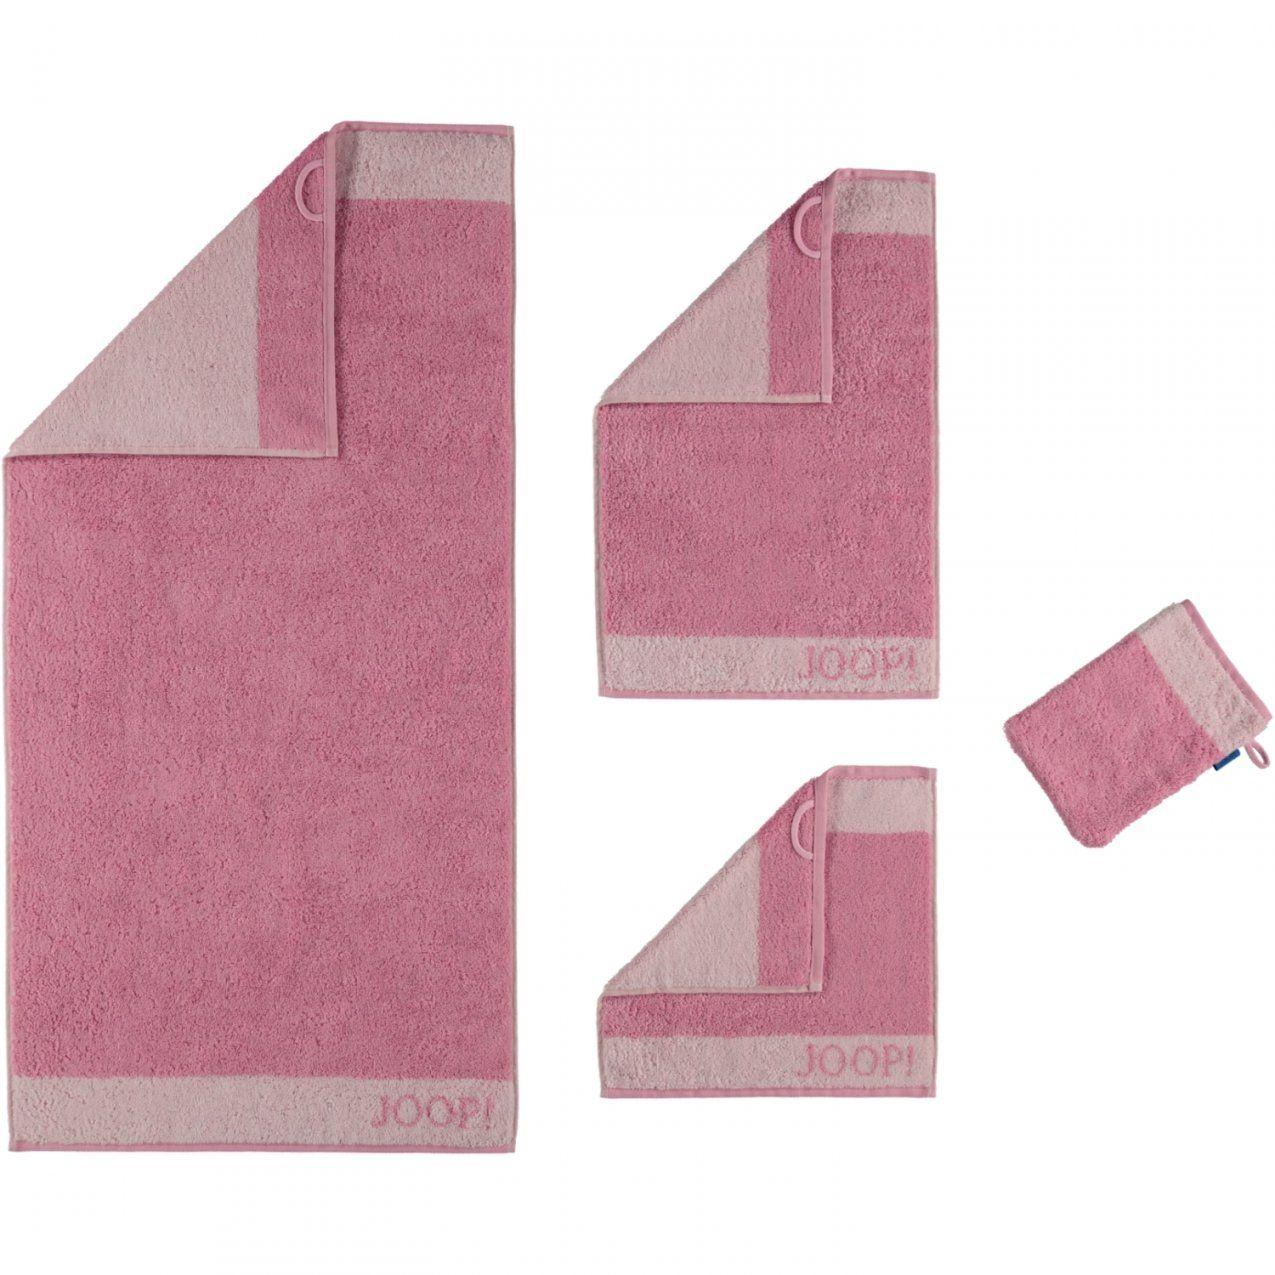 Joop Handtücher Breeze Doubleface 1648 Rose  27  Handtuchwelt von Joop Handtücher Set Günstig Bild